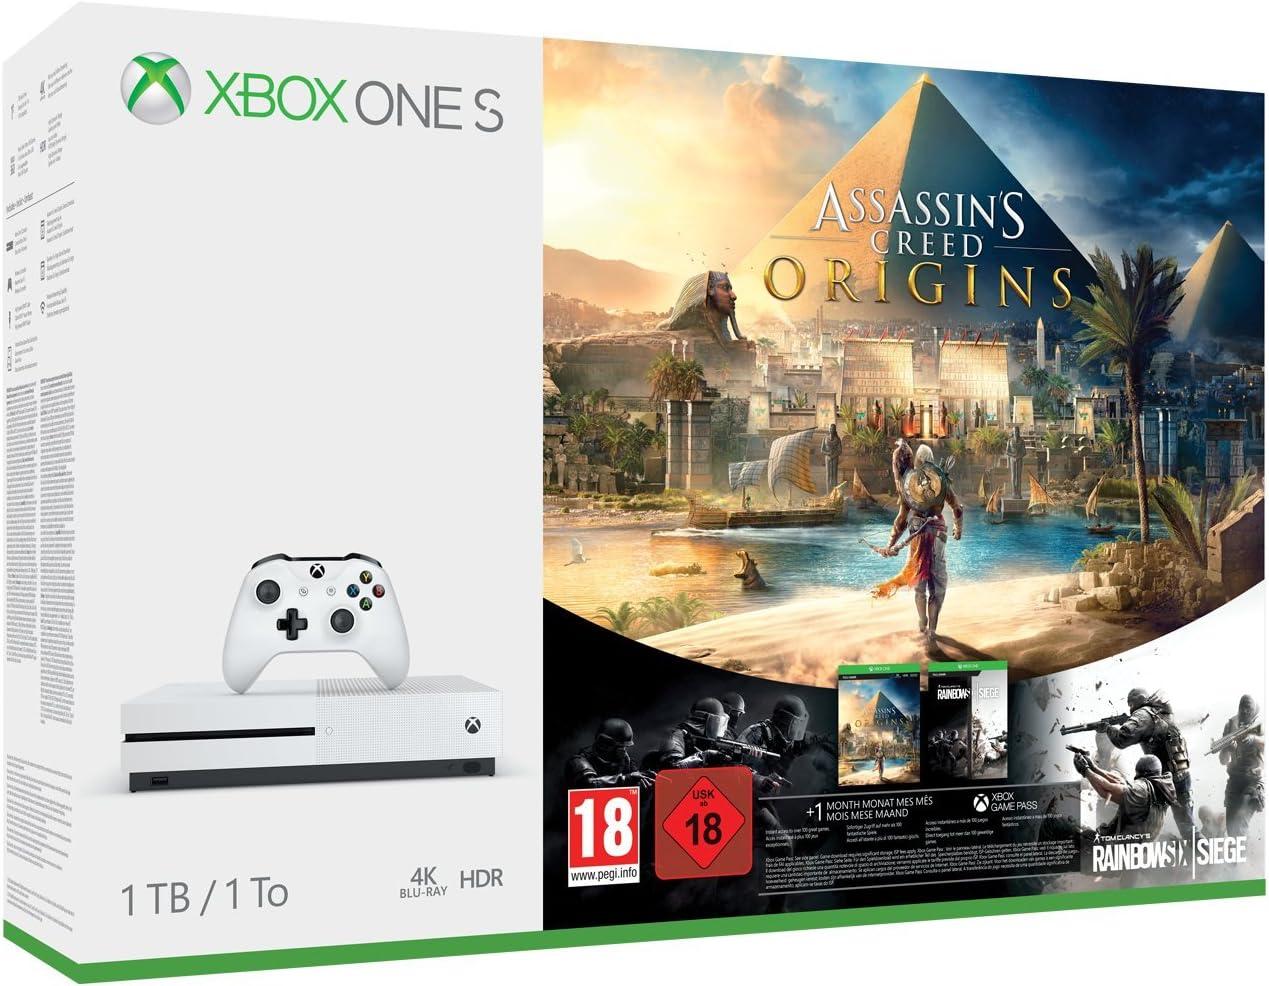 Xbox One S 1TB Console - Assassins Creed Origins Bonus Bundle - Xbox One [Importación inglesa]: Amazon.es: Videojuegos